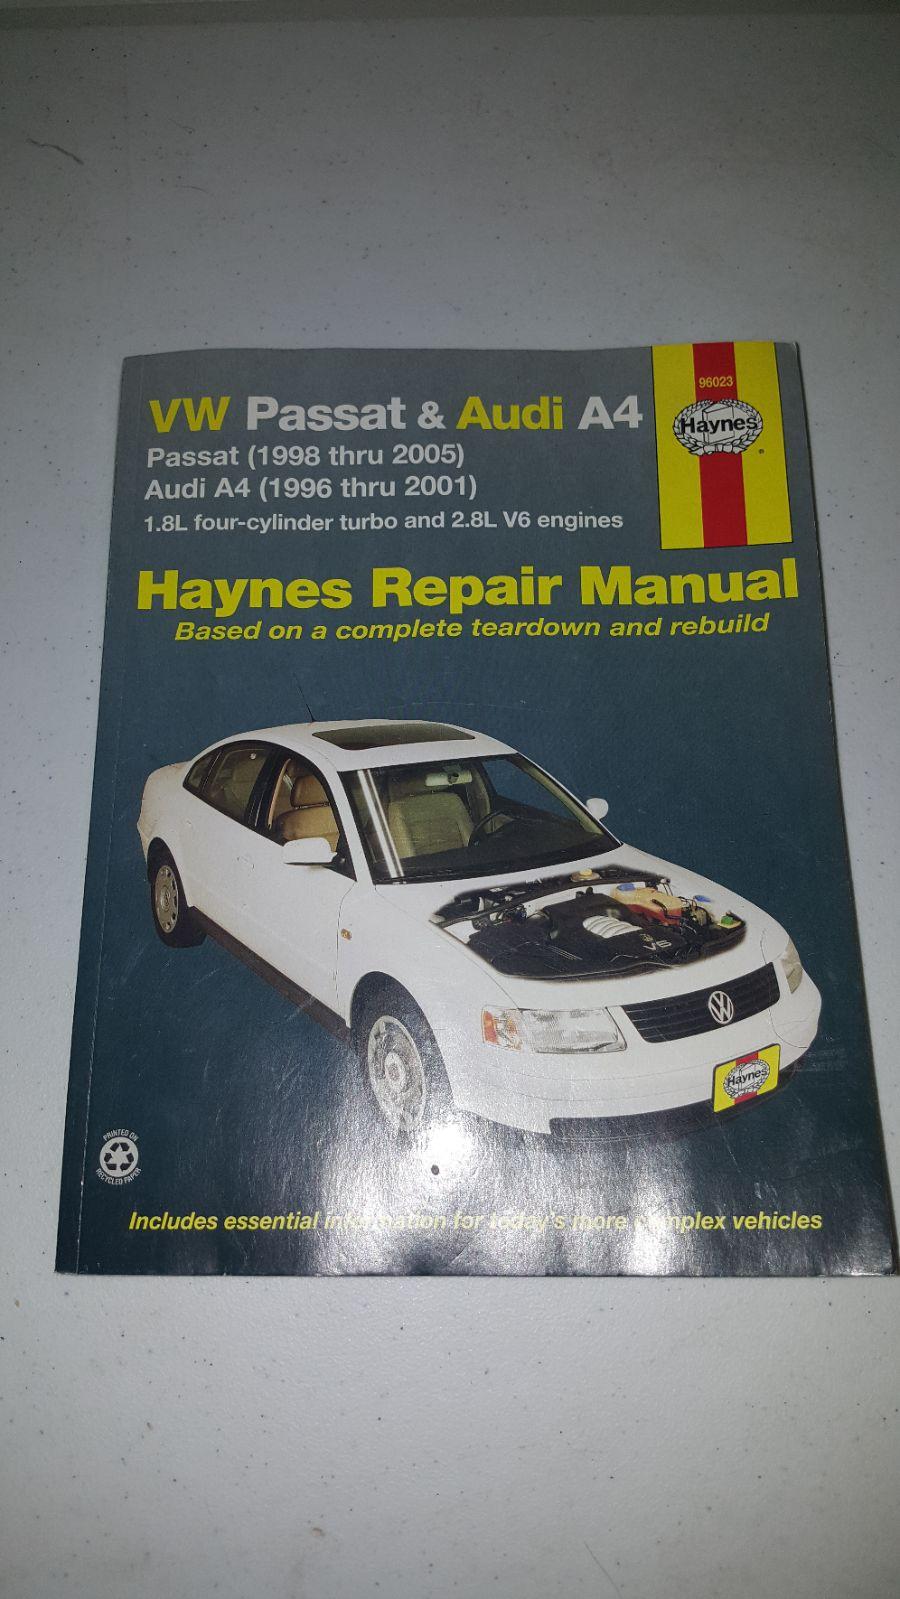 Vw passat audi a4 haynes repair manual - Mercari: BUY & SELL THINGS YOU LOVE